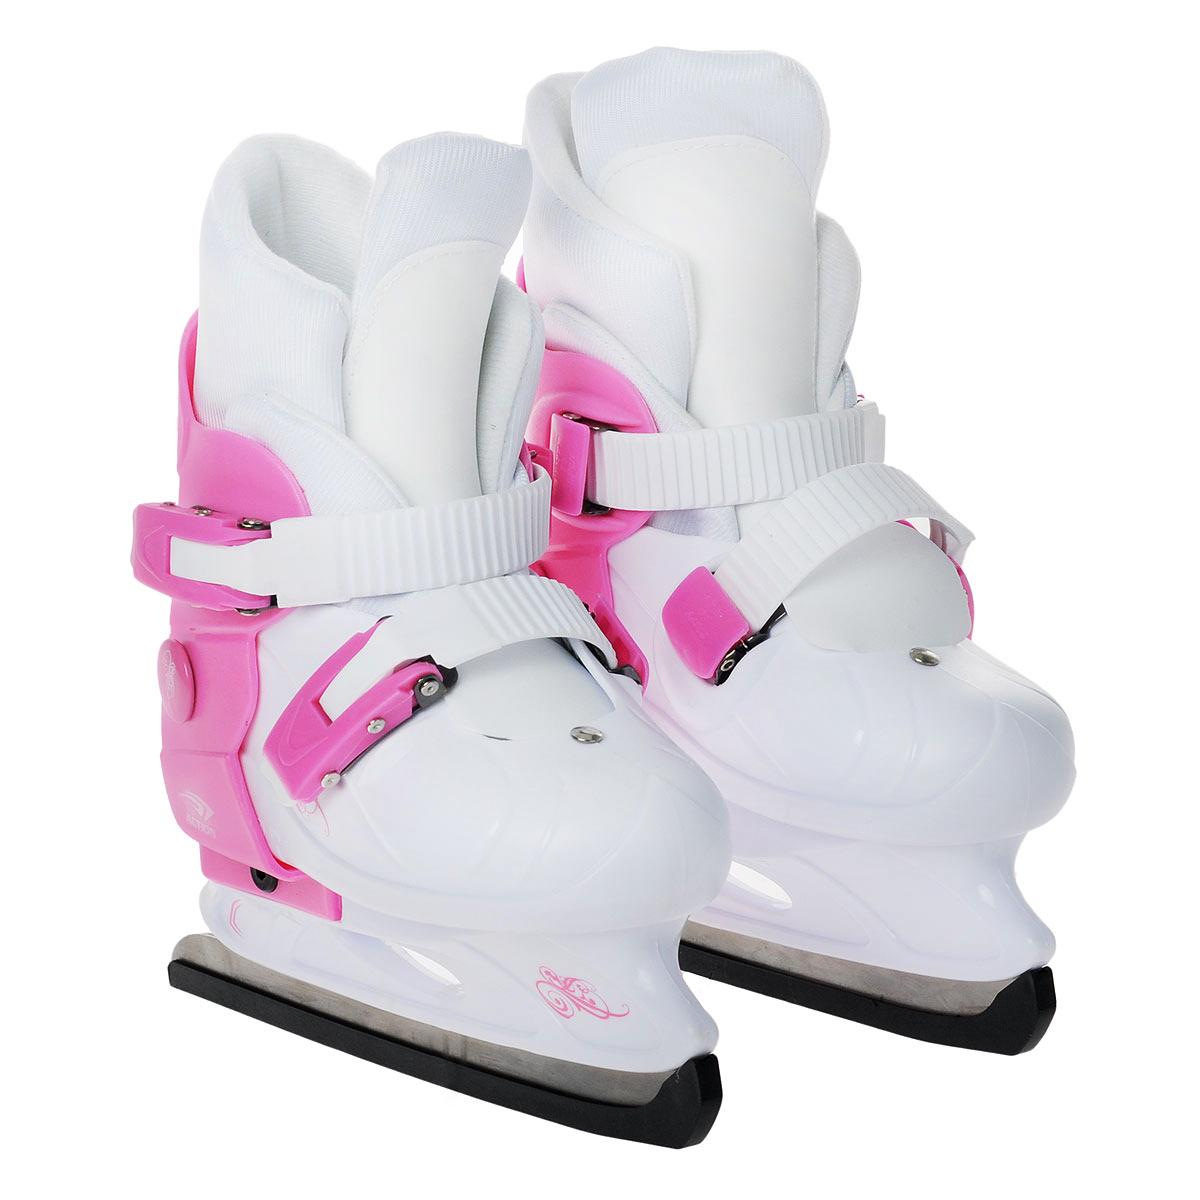 Коньки детские Action PW-219, раздвижные, цвет: розовый, белый. Размер 33/36